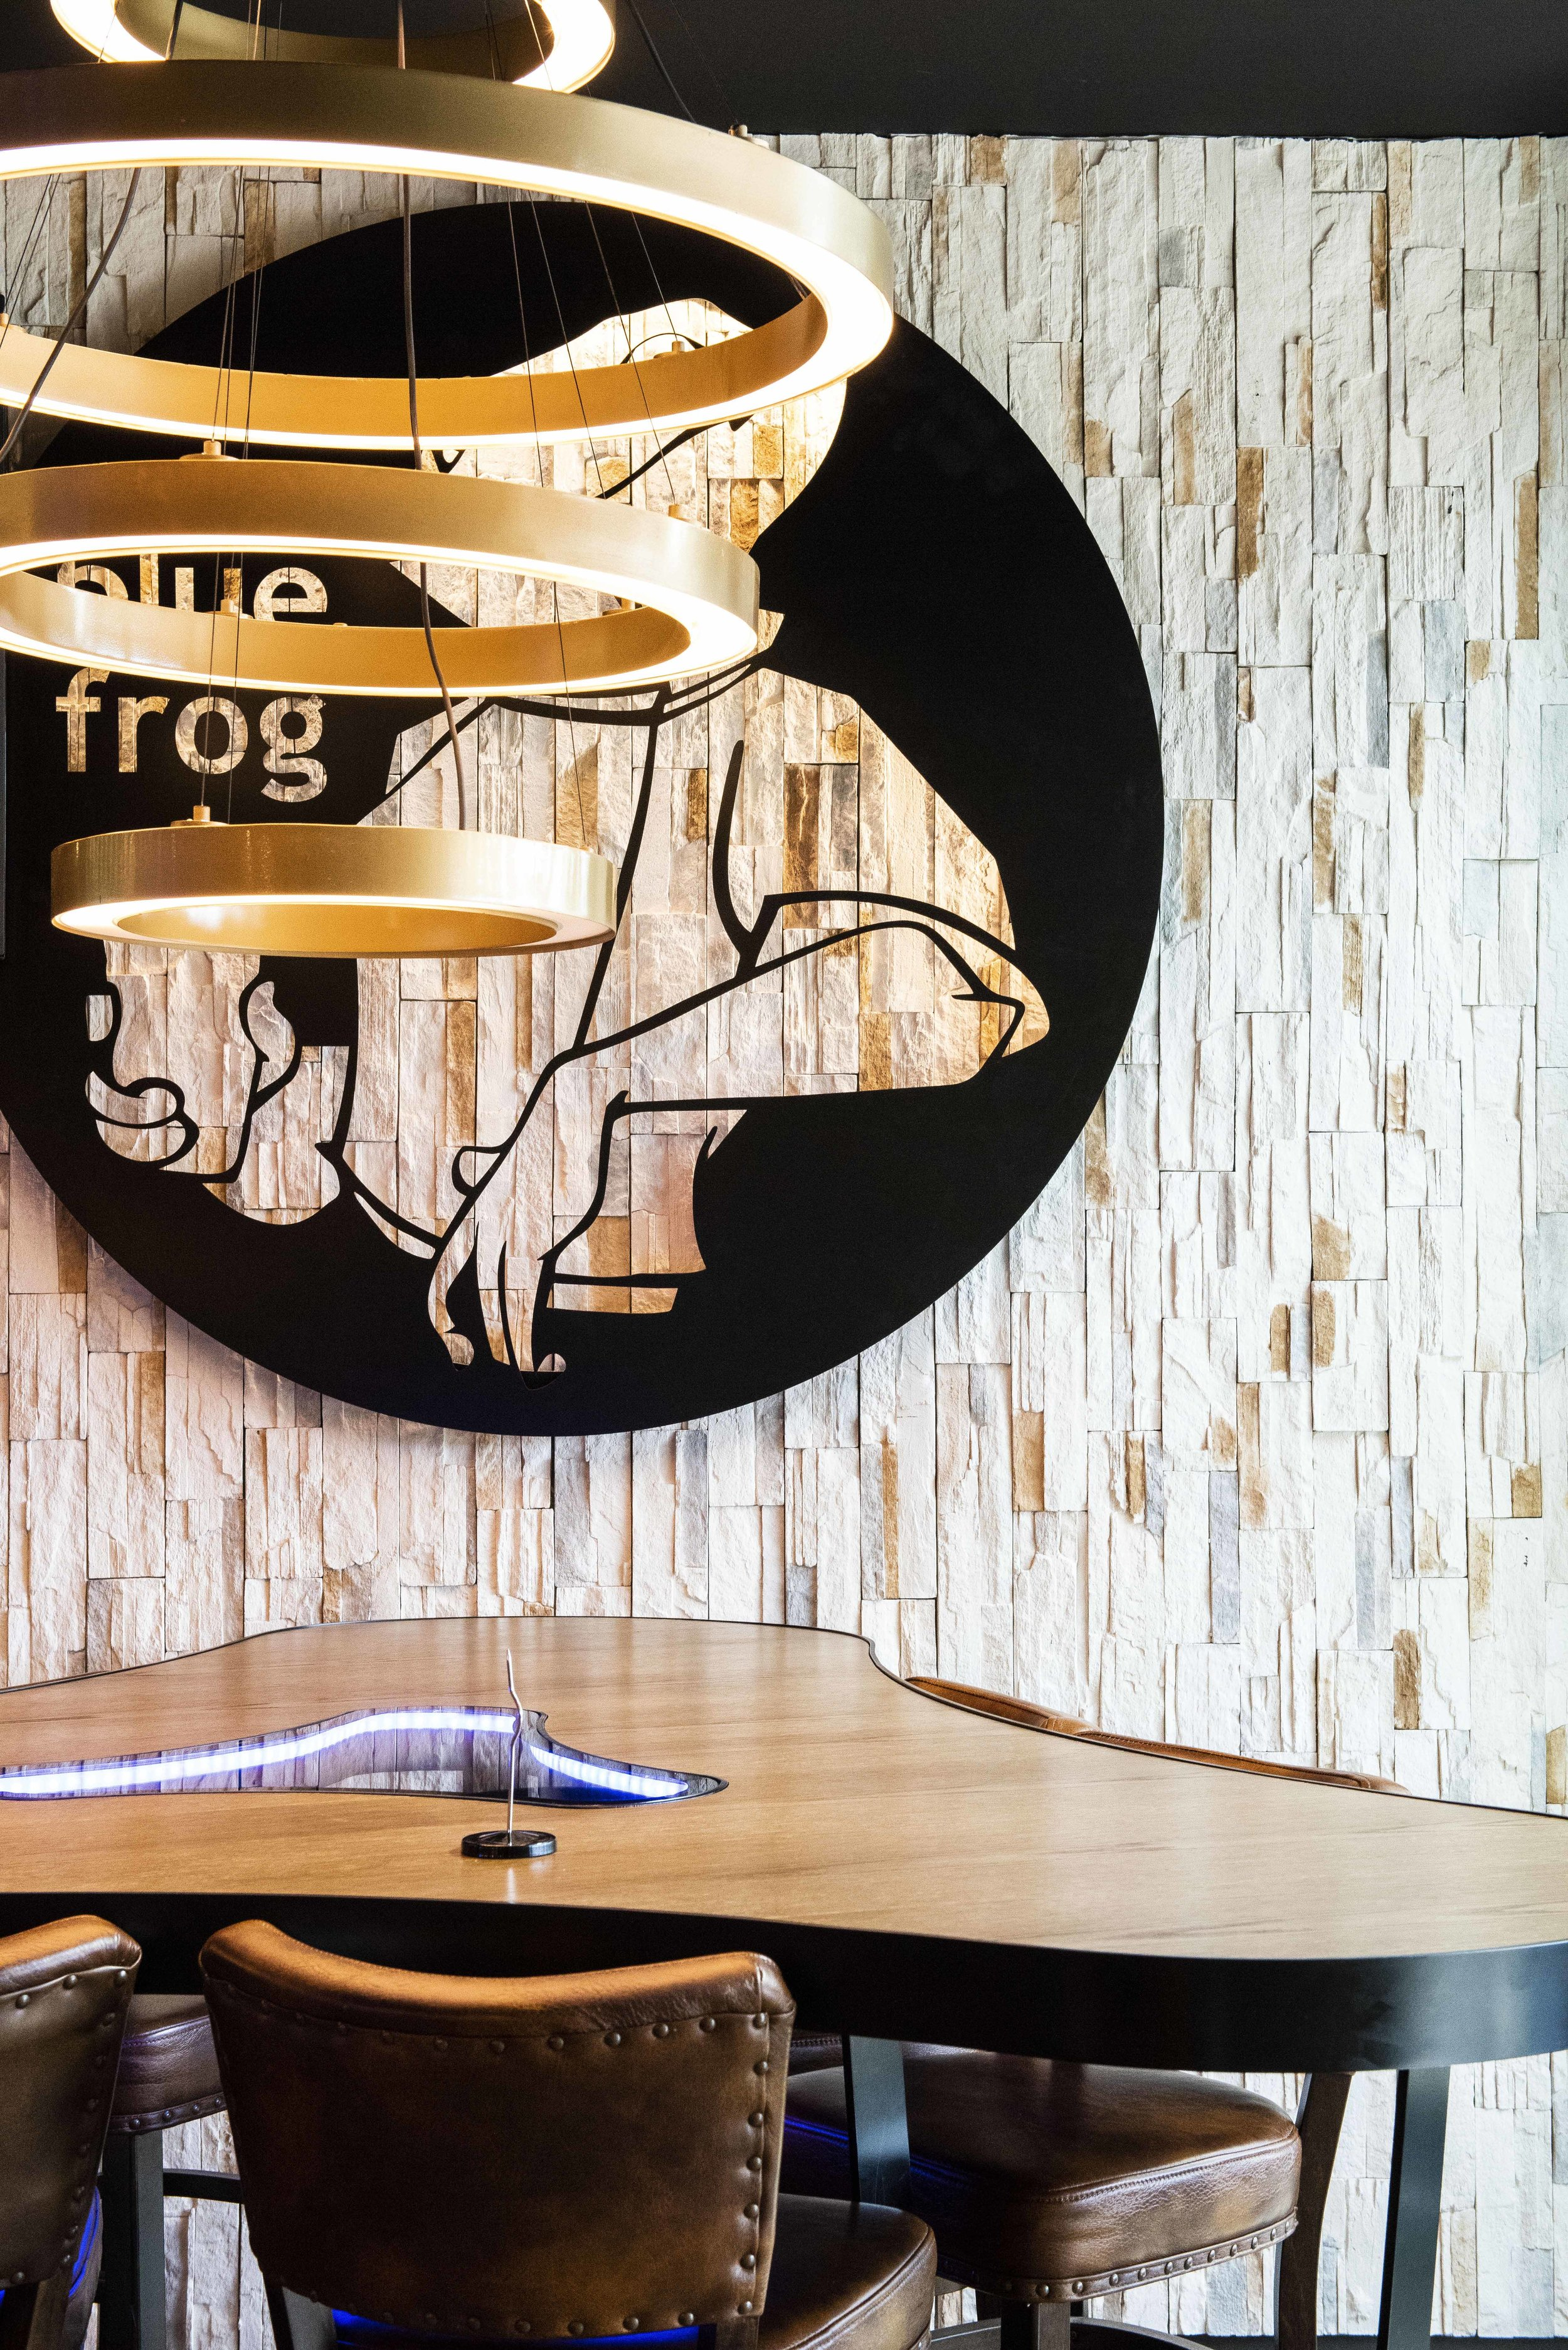 Blue Frog, Barcelona